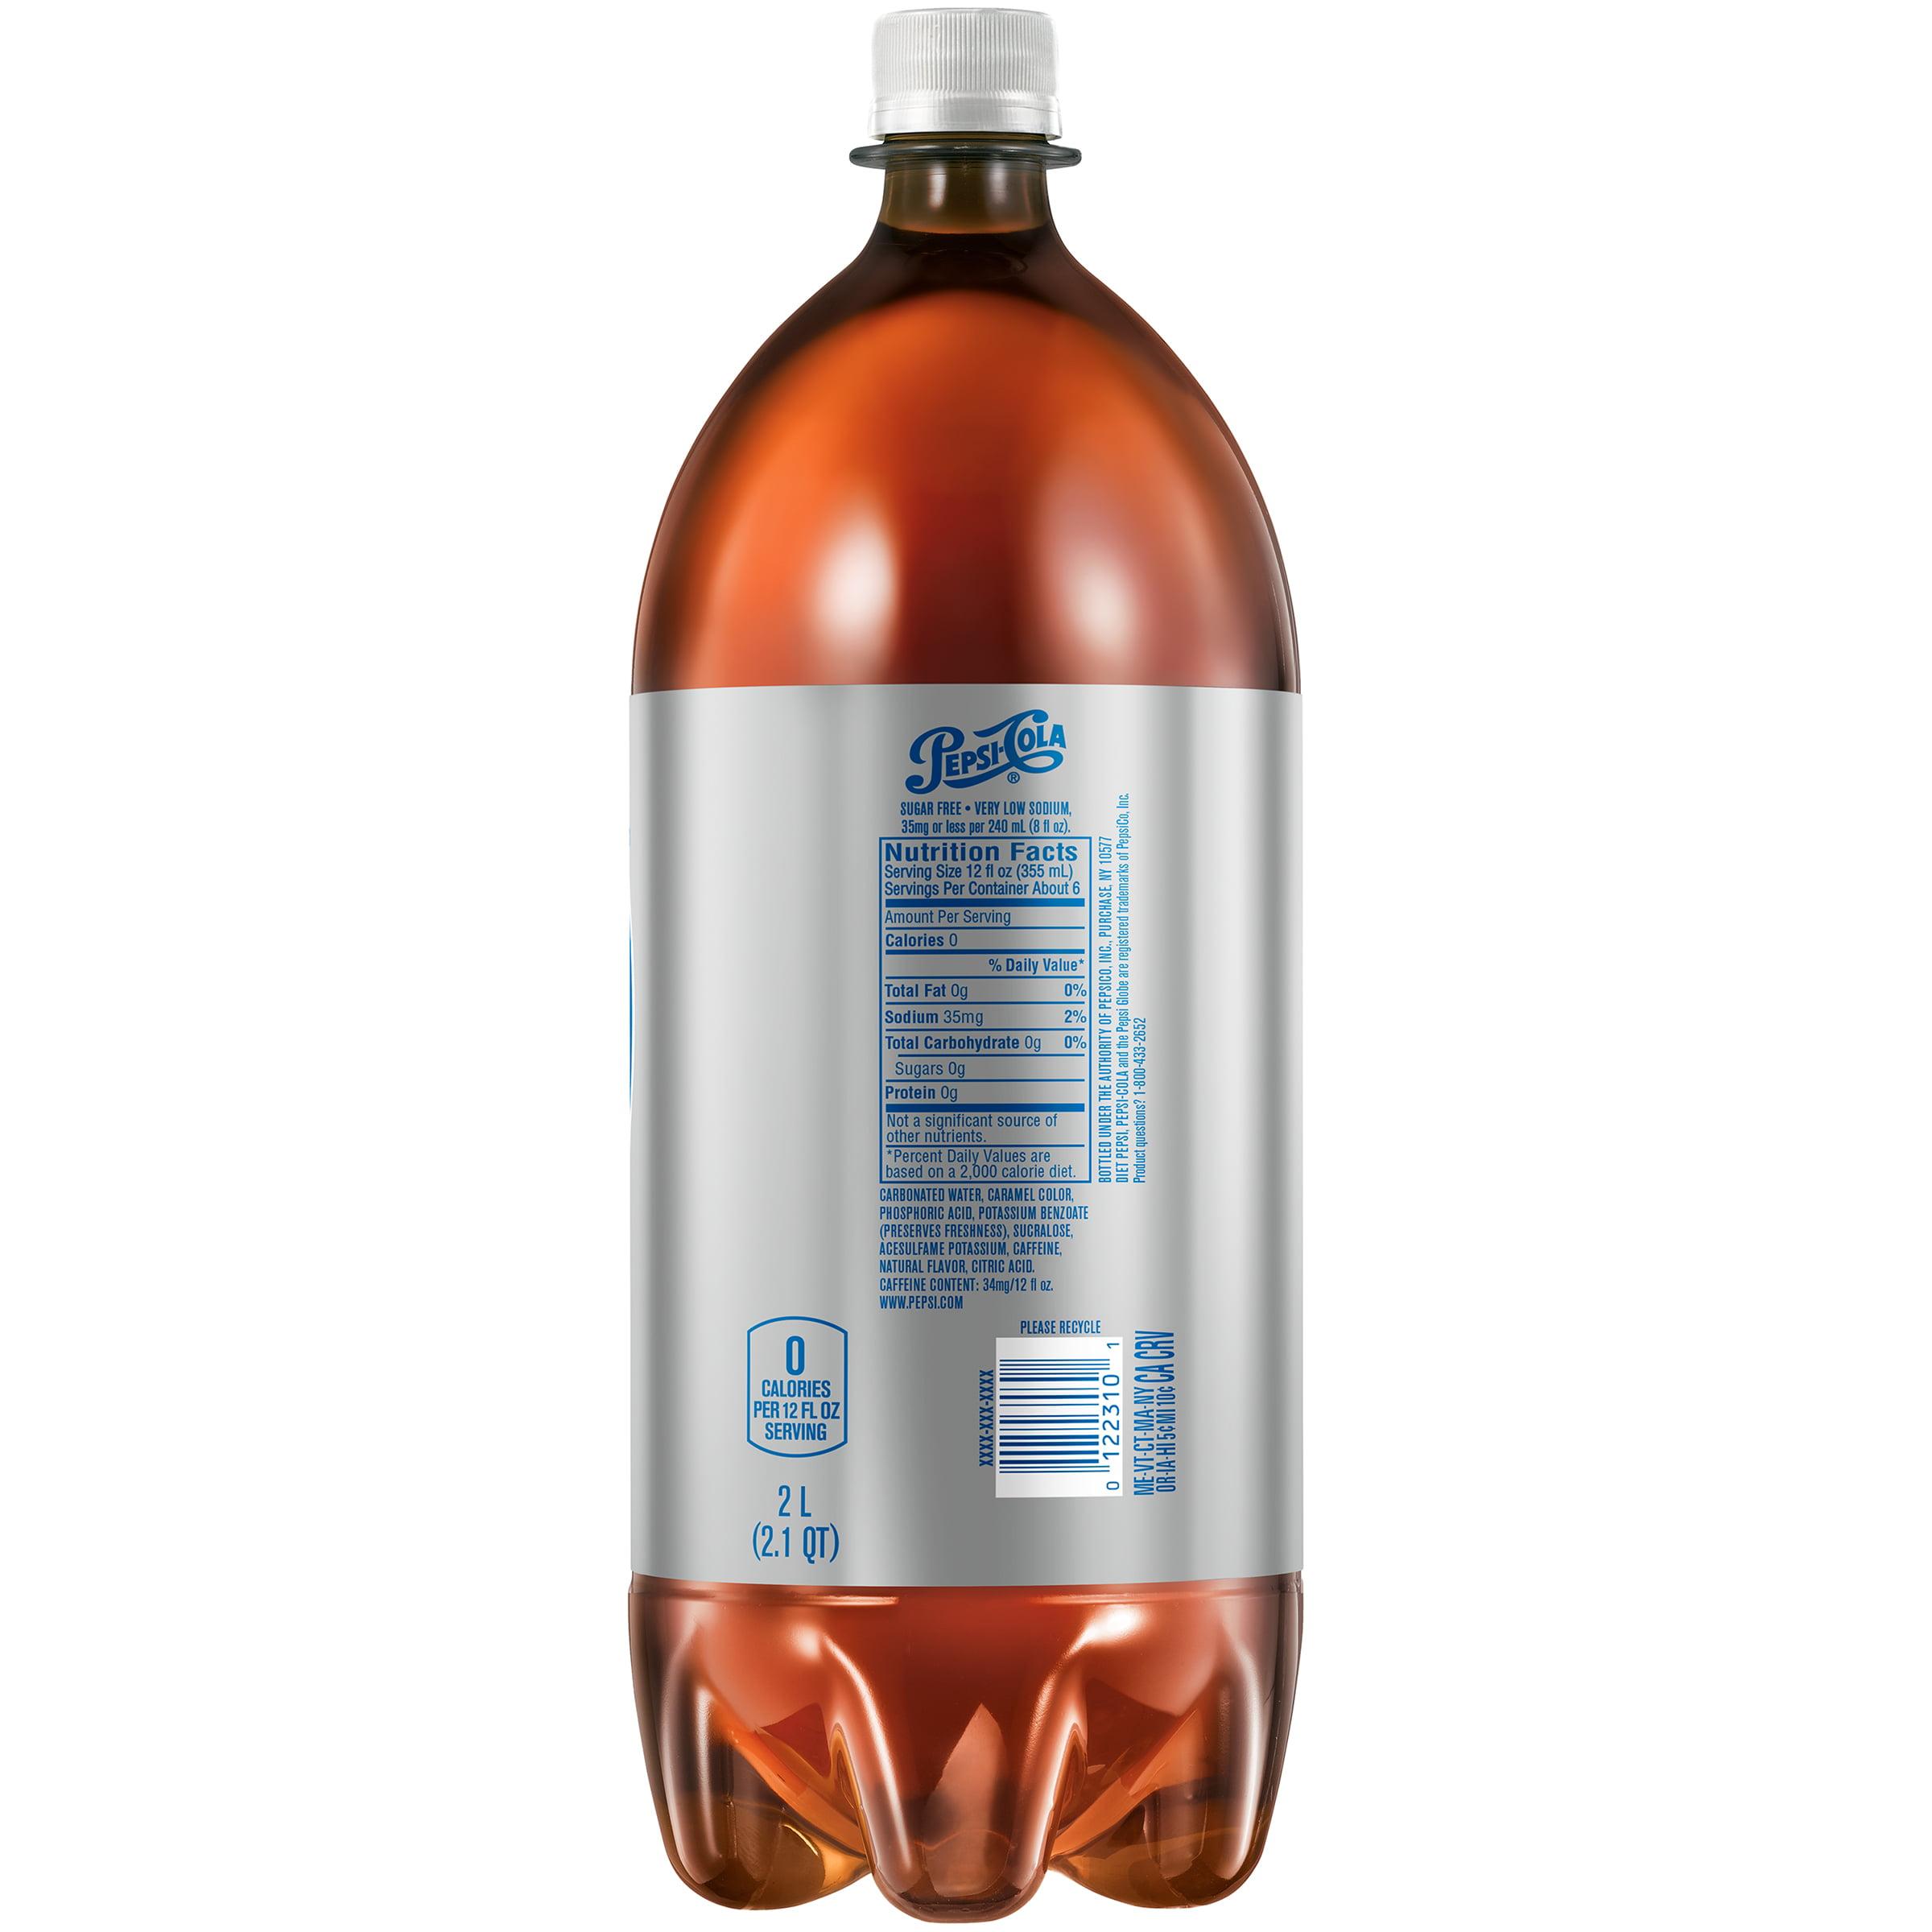 Pepsi max diet pepsi diet soda 2 l 1 count sciox Image collections